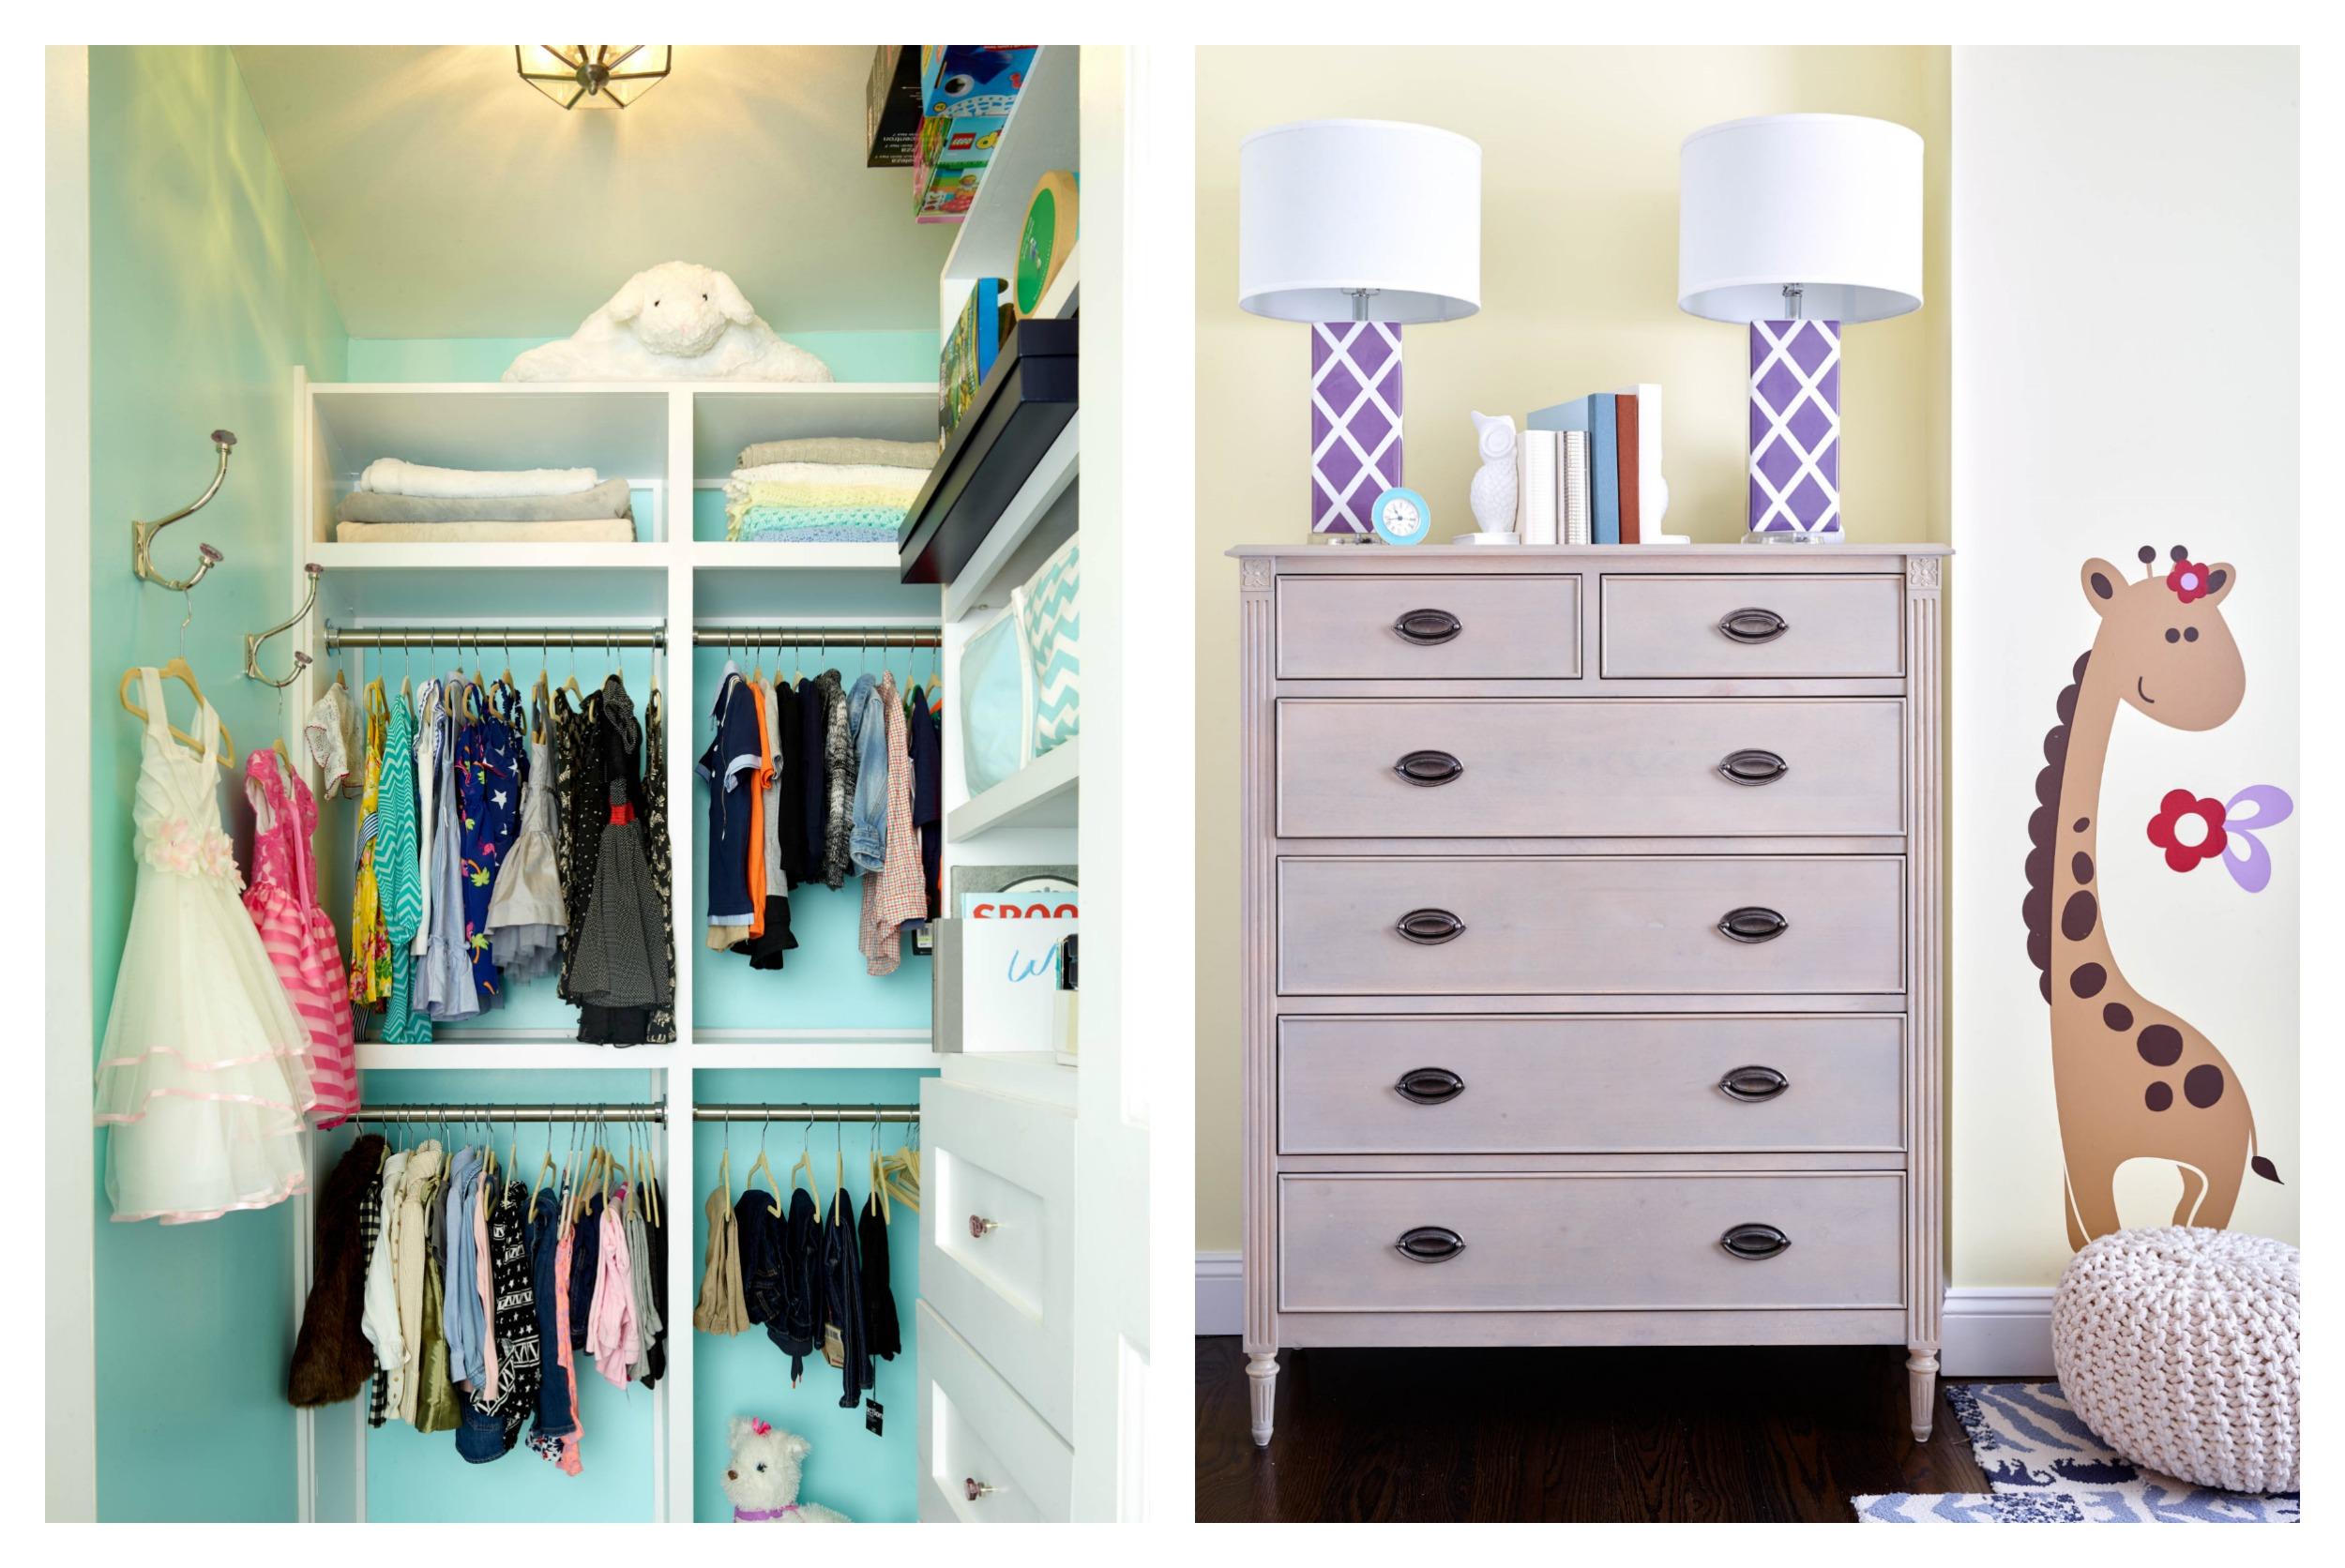 upper-east-side-kids-bedroom-playroom-2.jpg